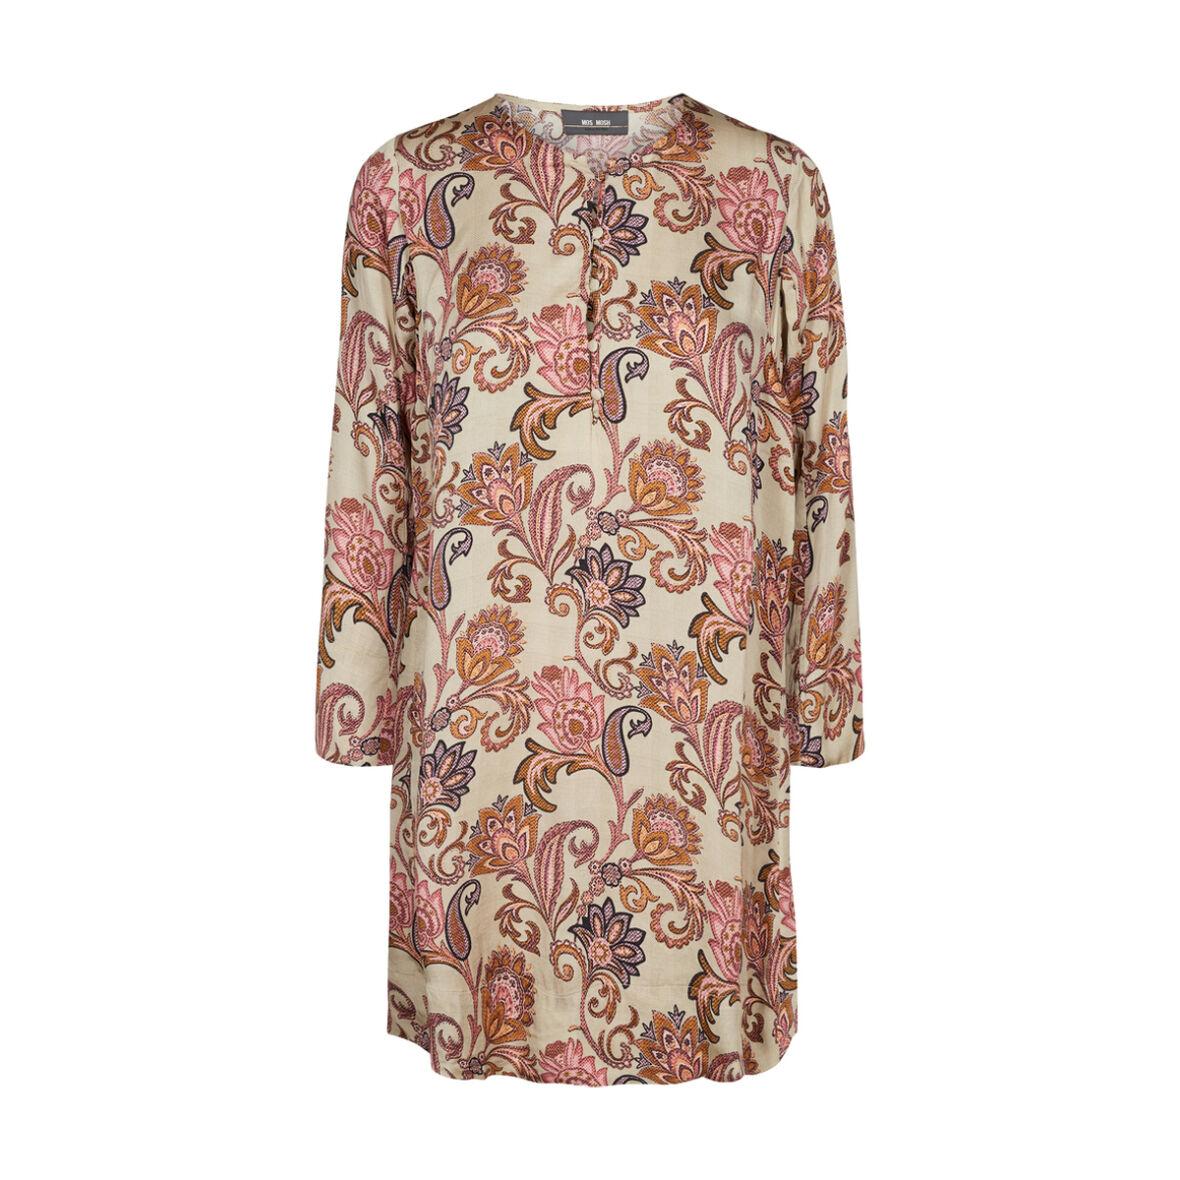 13f46b2f MOS MOS - Brisa Weave Kjole Vintage Rose - Jydepotten.dk - Fri Fragt ...